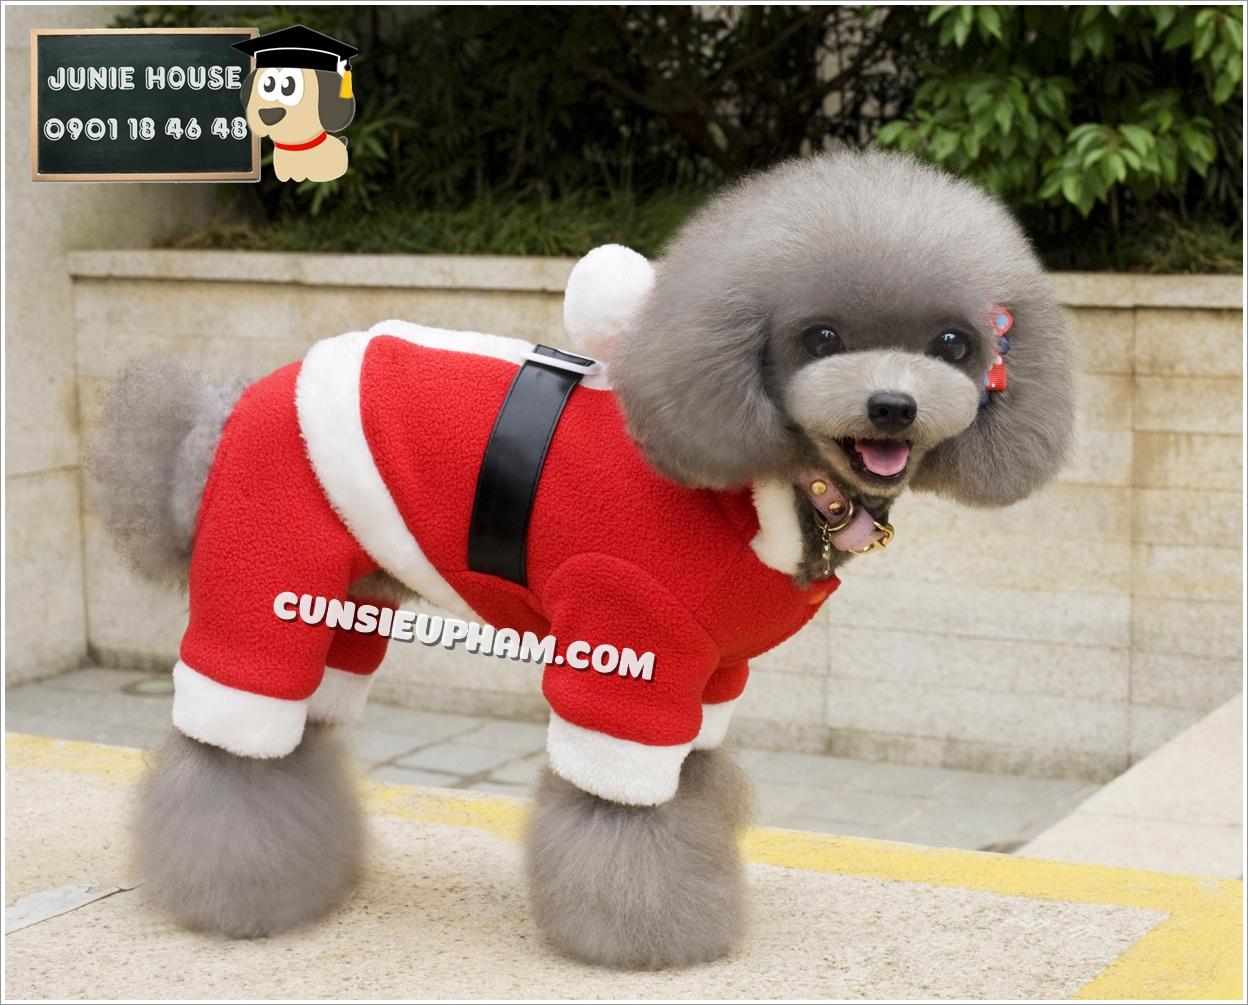 Junie House chuyên cung cấp trang phục cosplay cho chó mèo như áo Adidacog có mũ, hiệp sĩ cao bồi, trang phục Superman, Cướp biển, đồ ông già noel cho chó mèo... Hotline 0901 18 46 48